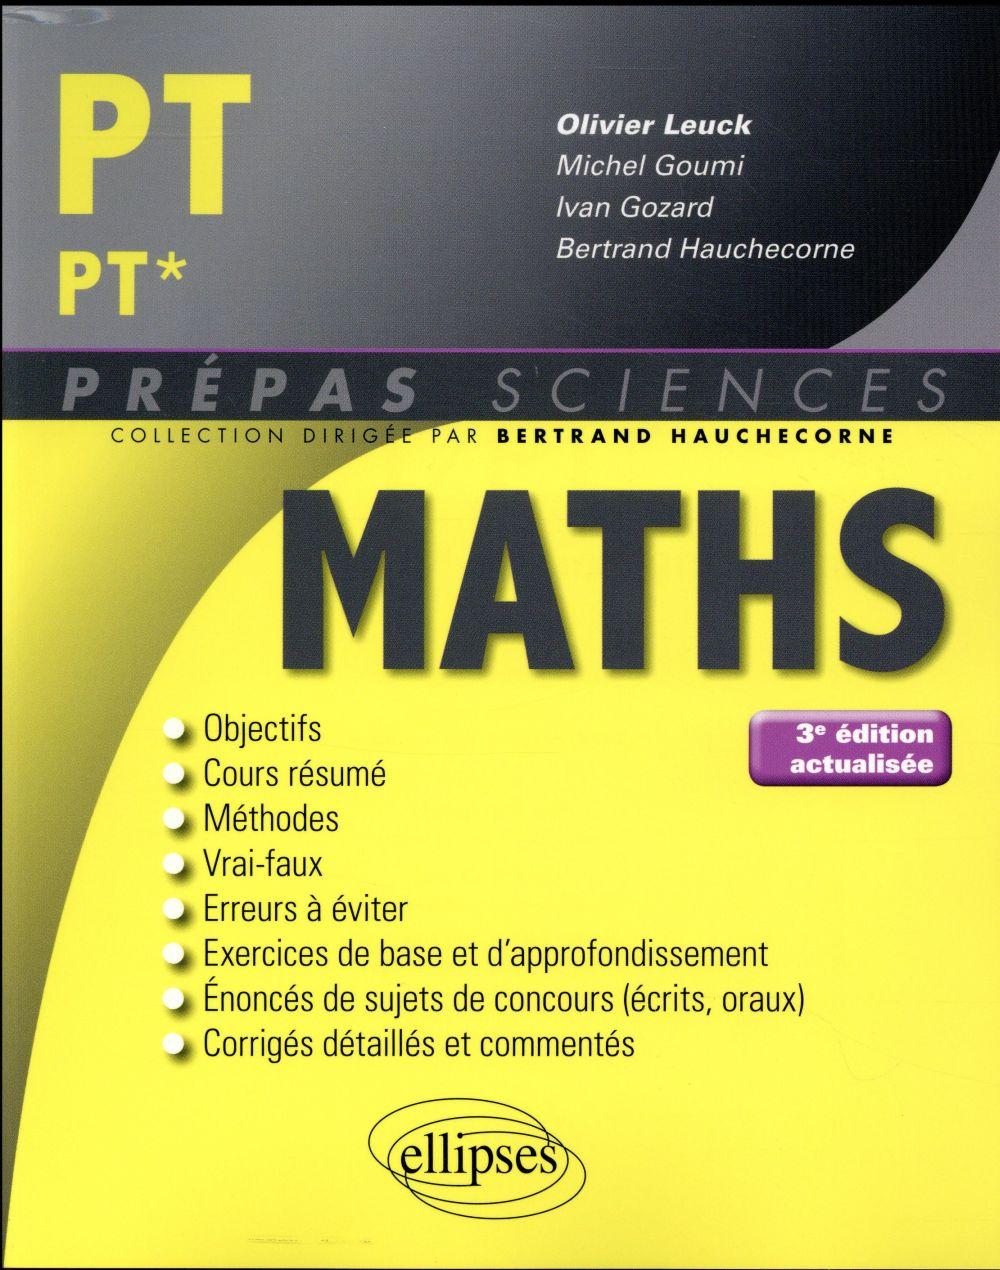 Mathématiques PT/PT* (3e édition)